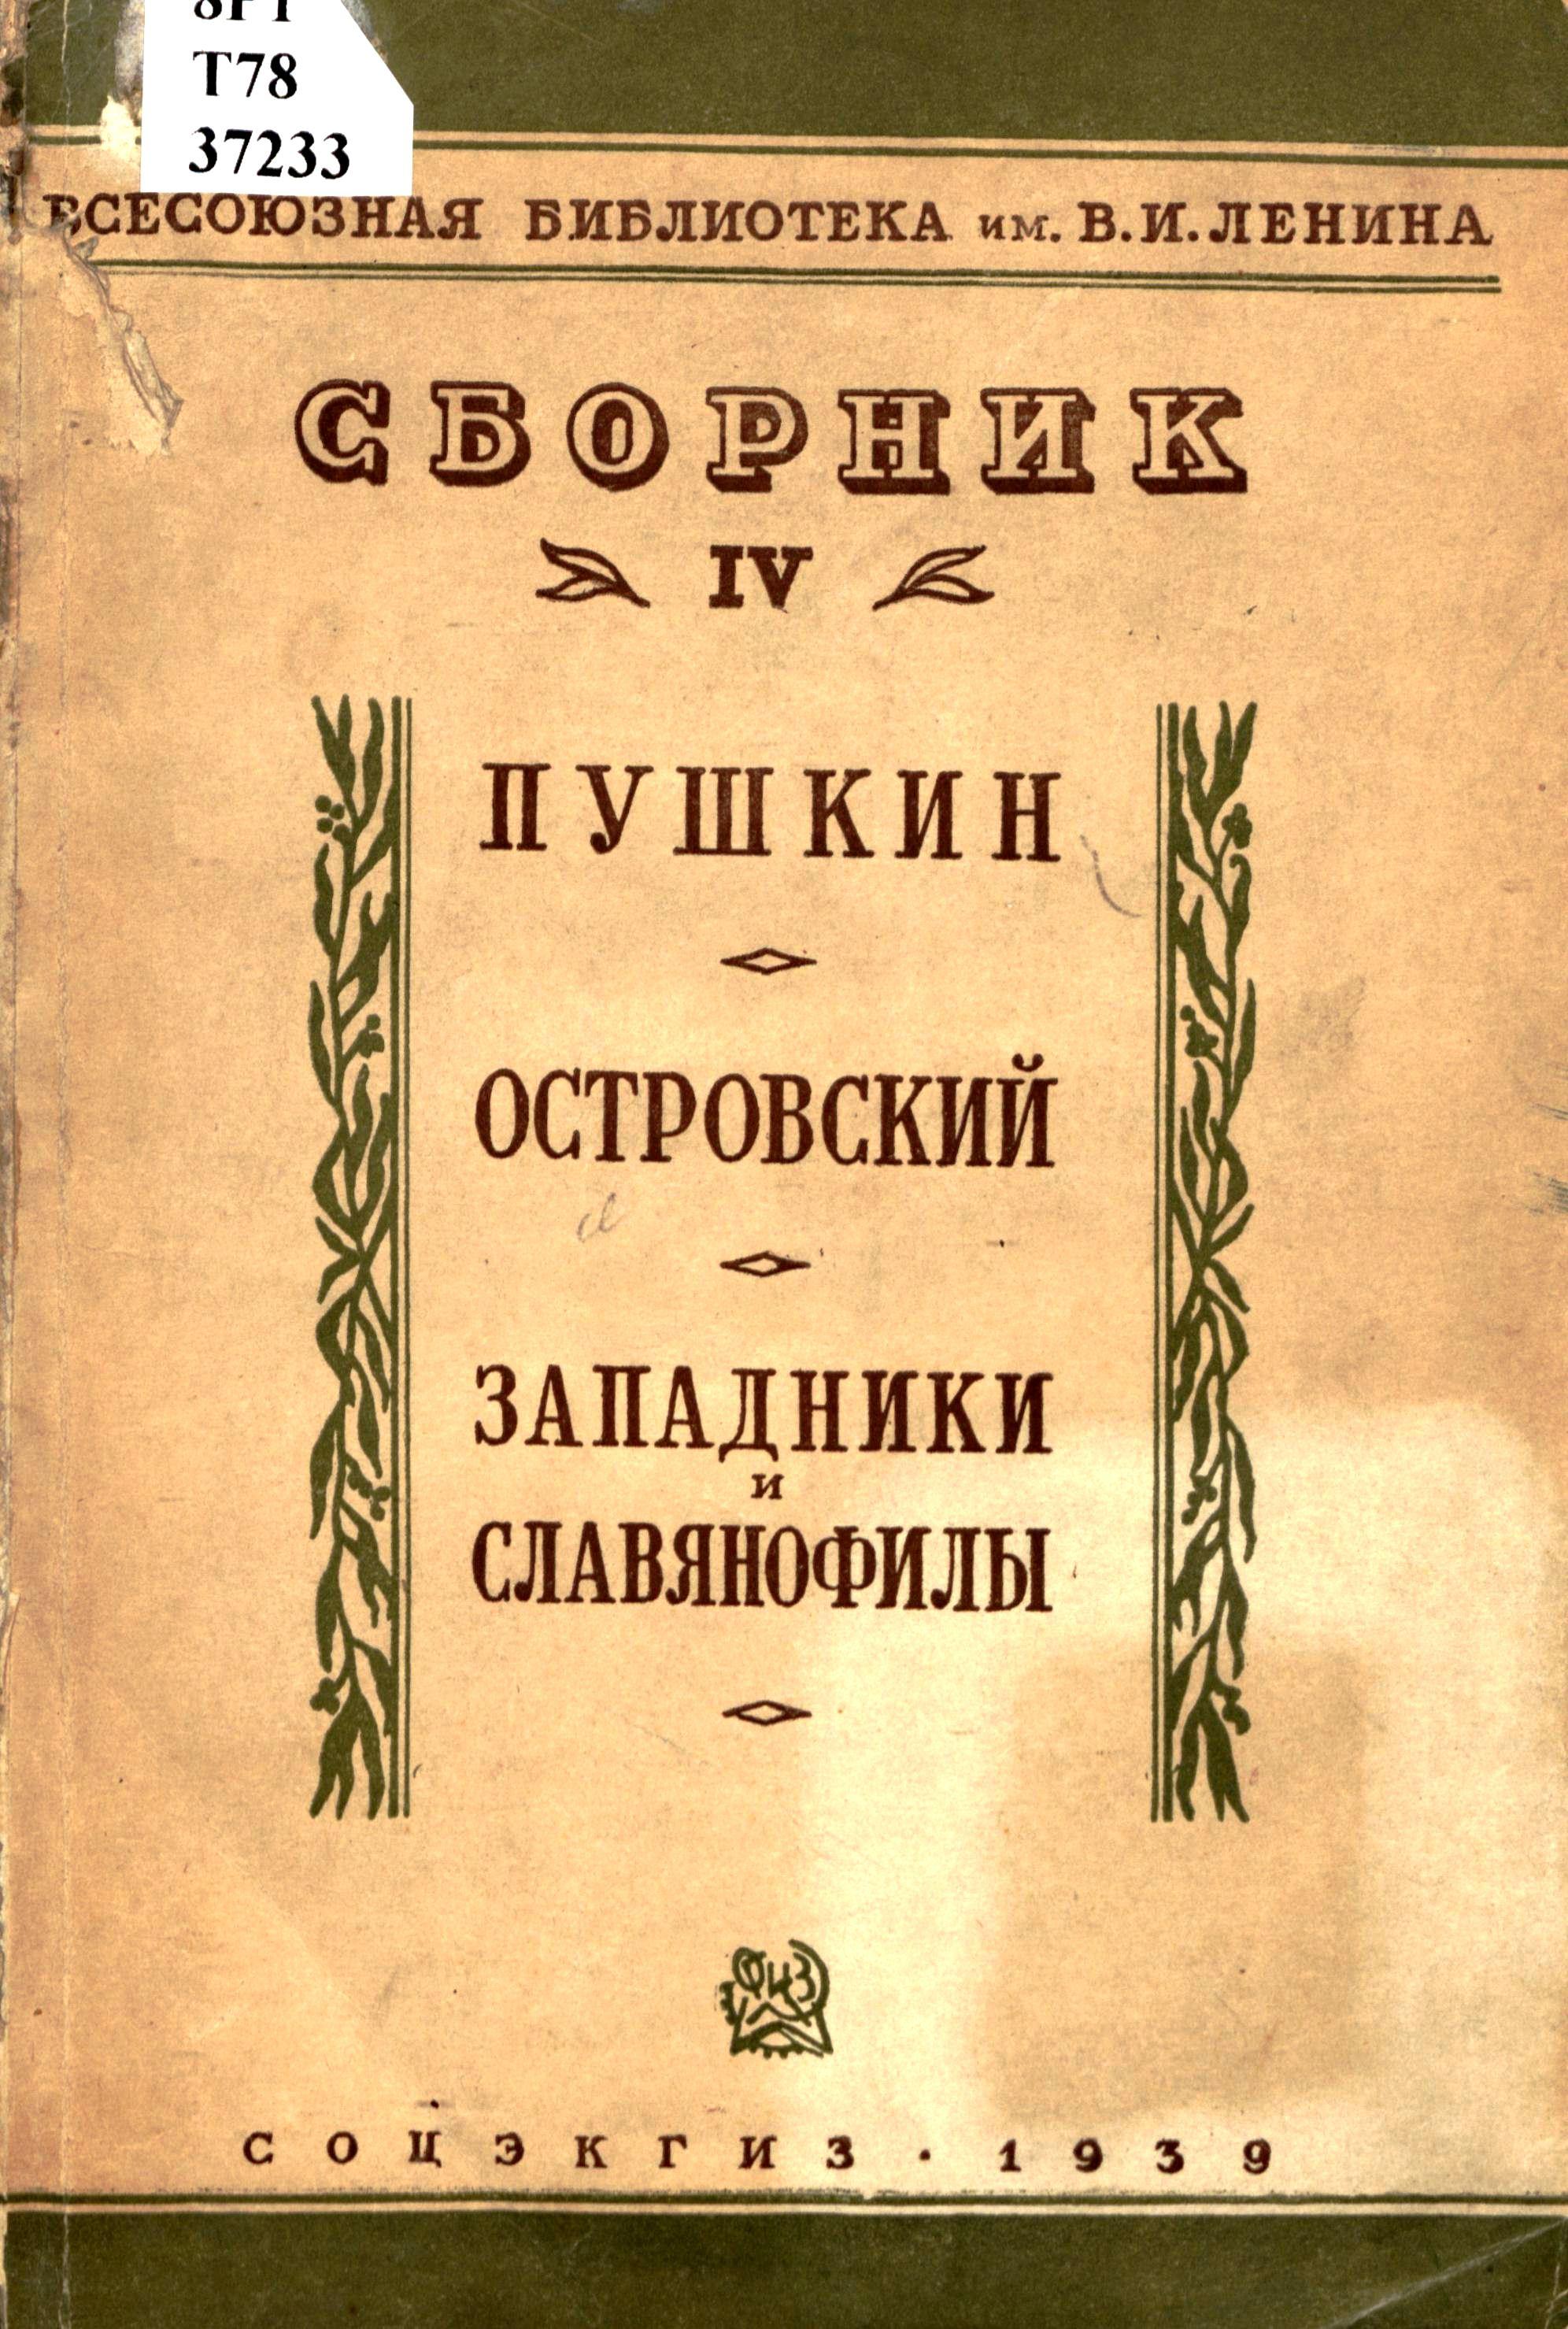 Сборник стихов тютчев скачать pdf